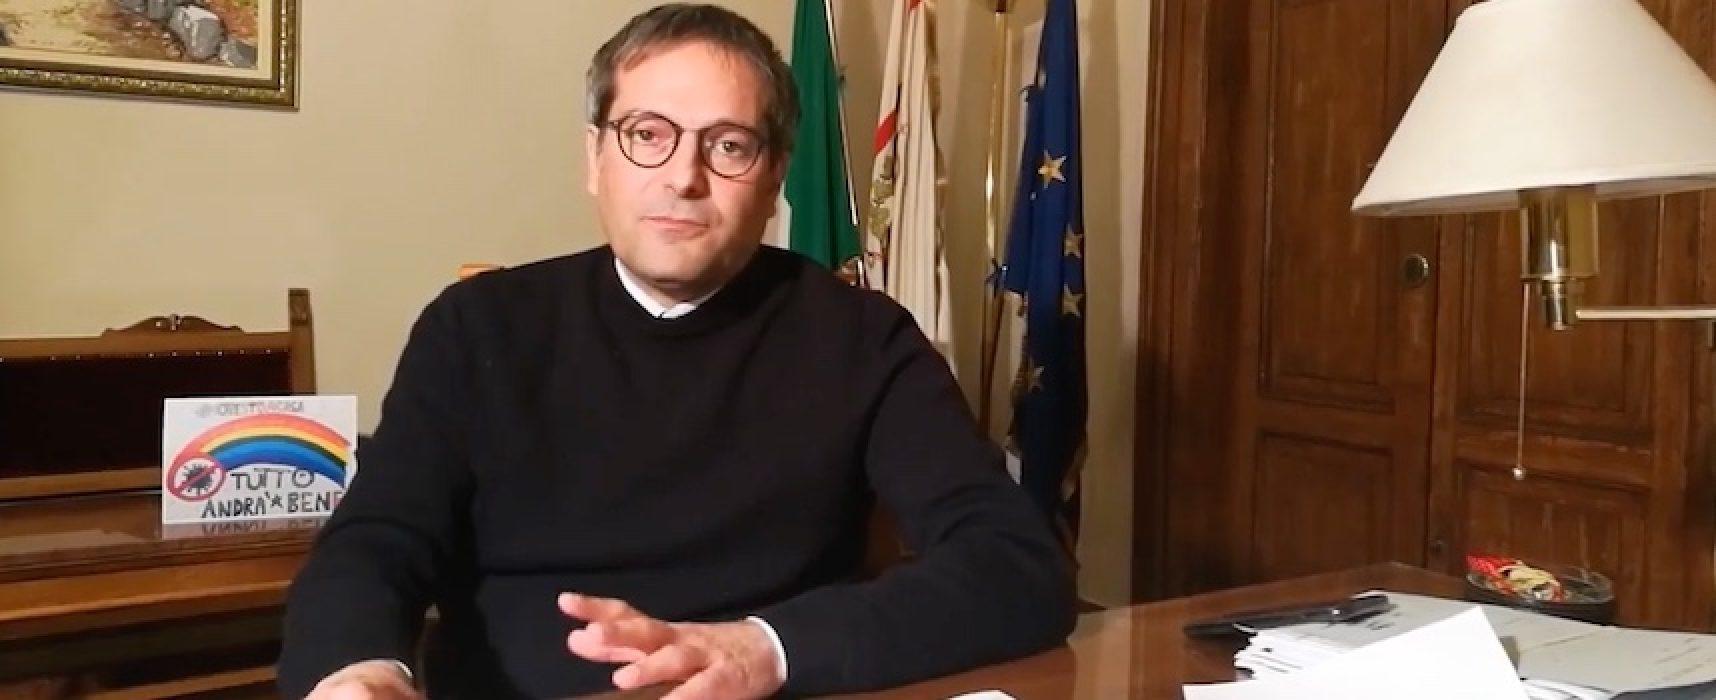 """Differimento scadenza Tari, sindaco Angarano: """"Persa occasione per mostrare unità"""""""